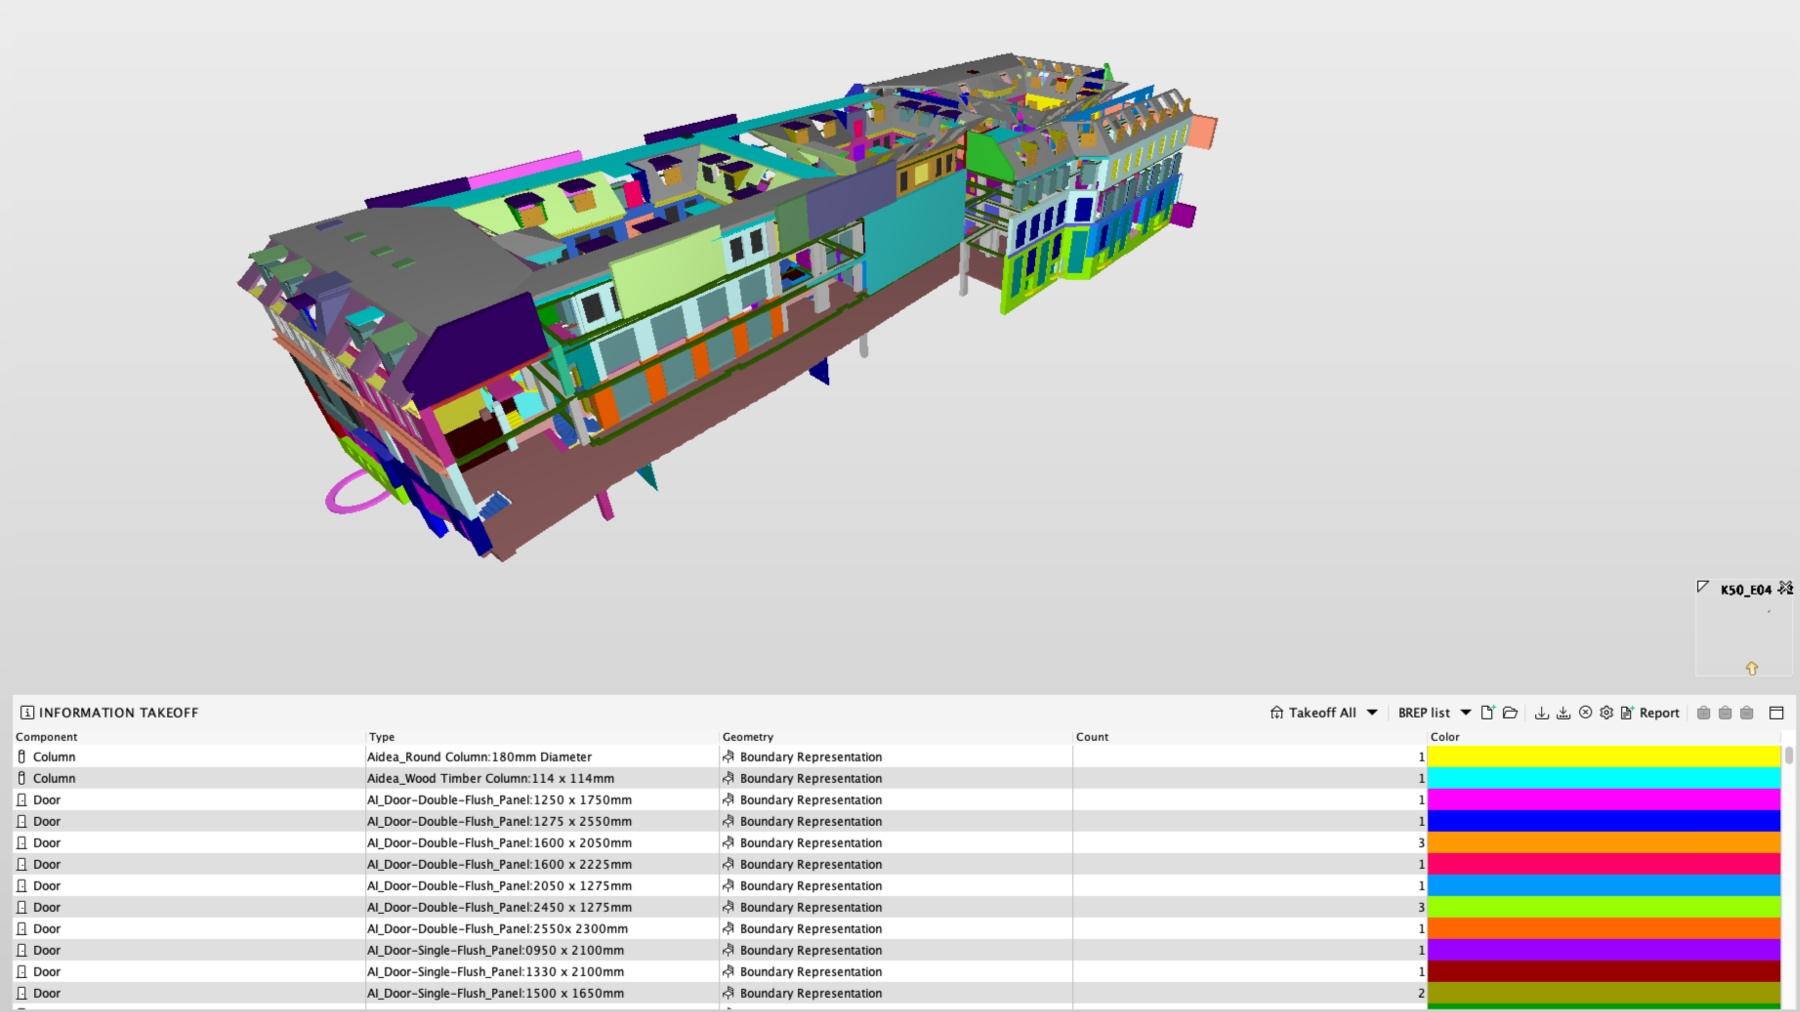 Det digitale grundlag - BIM Equity leverer modeller hovedsageligt til brug for skitsering, projektering, drift/vedligehold eller Space Management.Datagrundlaget for modelleringen kan være eksisterende tegninger, landmåler-data, fotogrammetri eller point clouds, som vi i samarbejde med vores faste samarbejdspartner LE34 også kan levere. Vi har lang erfaring med at modellere efter data fra forskellige teknologier såsom; trolleys, statisk skannere, droner og traditionel landmåling.3D-modellerne udføres i både Revit, Allplan og ARCHICAD hvor vi også kan levere DWG, PDF og IFC.